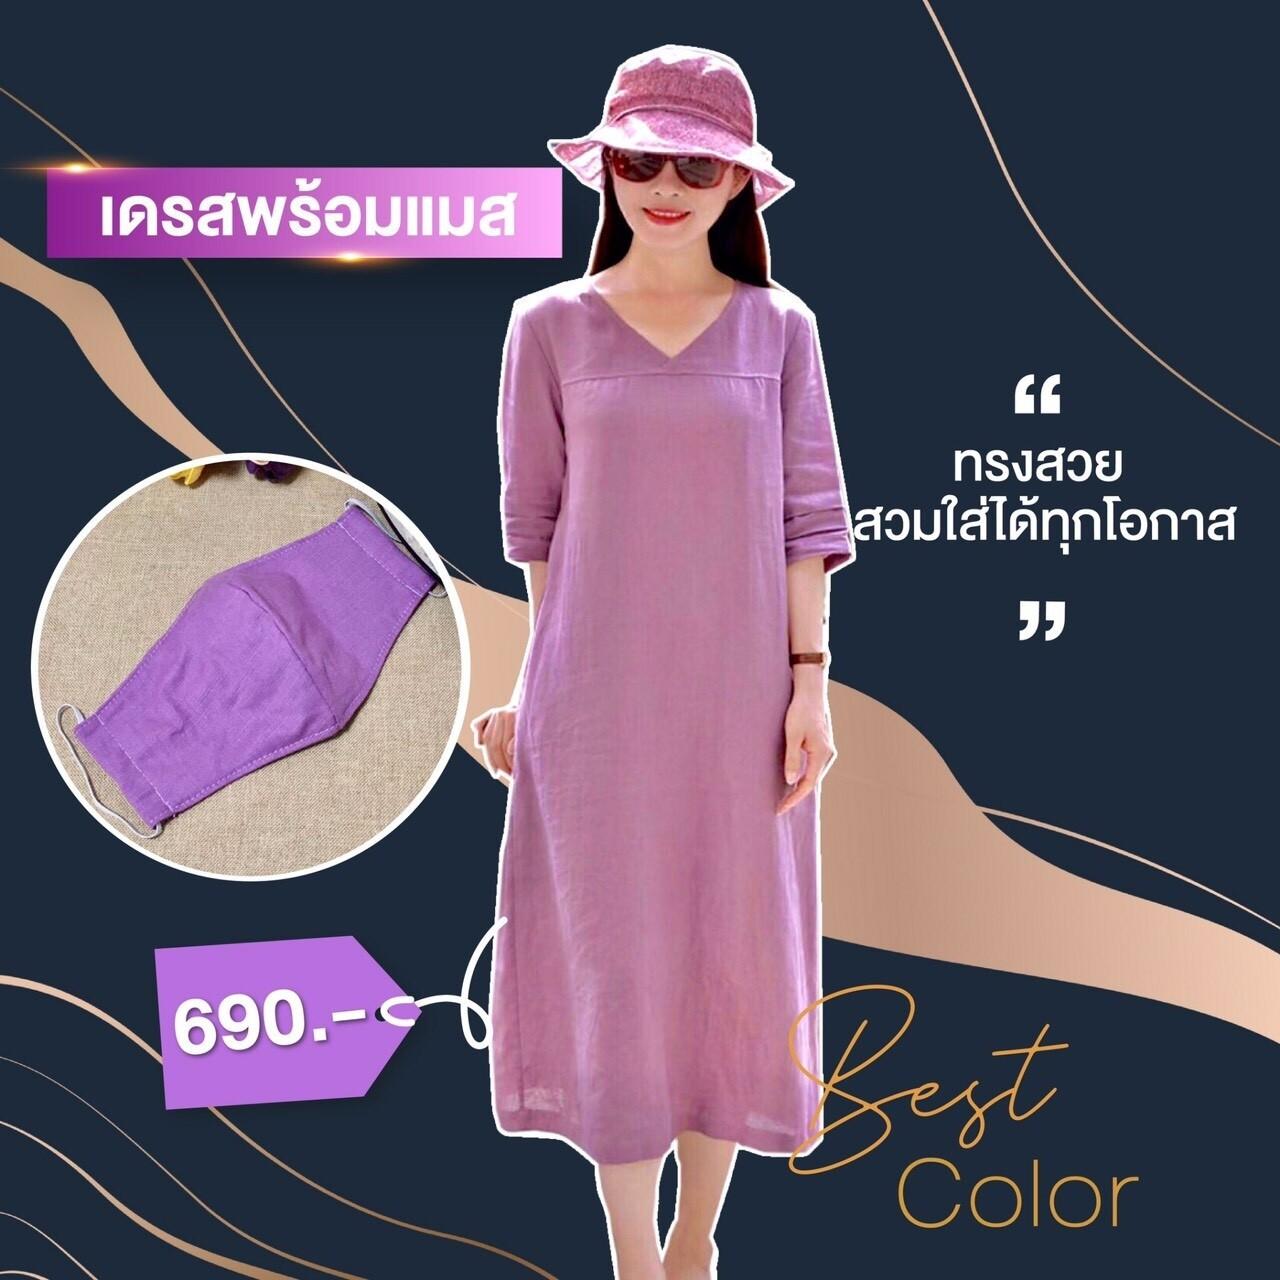 เดรสลินินผสมฝ้ายเนื้อผ้ายืดหยุ่นได้ เดรสคอวี แขน5ส่วน ชุดเดรสยาว เดรสคลุมท้อง เดรสคอกลม ชุดเดรสนุ่มสบายขนาดใหญ่ Blend Linen Dress Over-Size Sai Suay